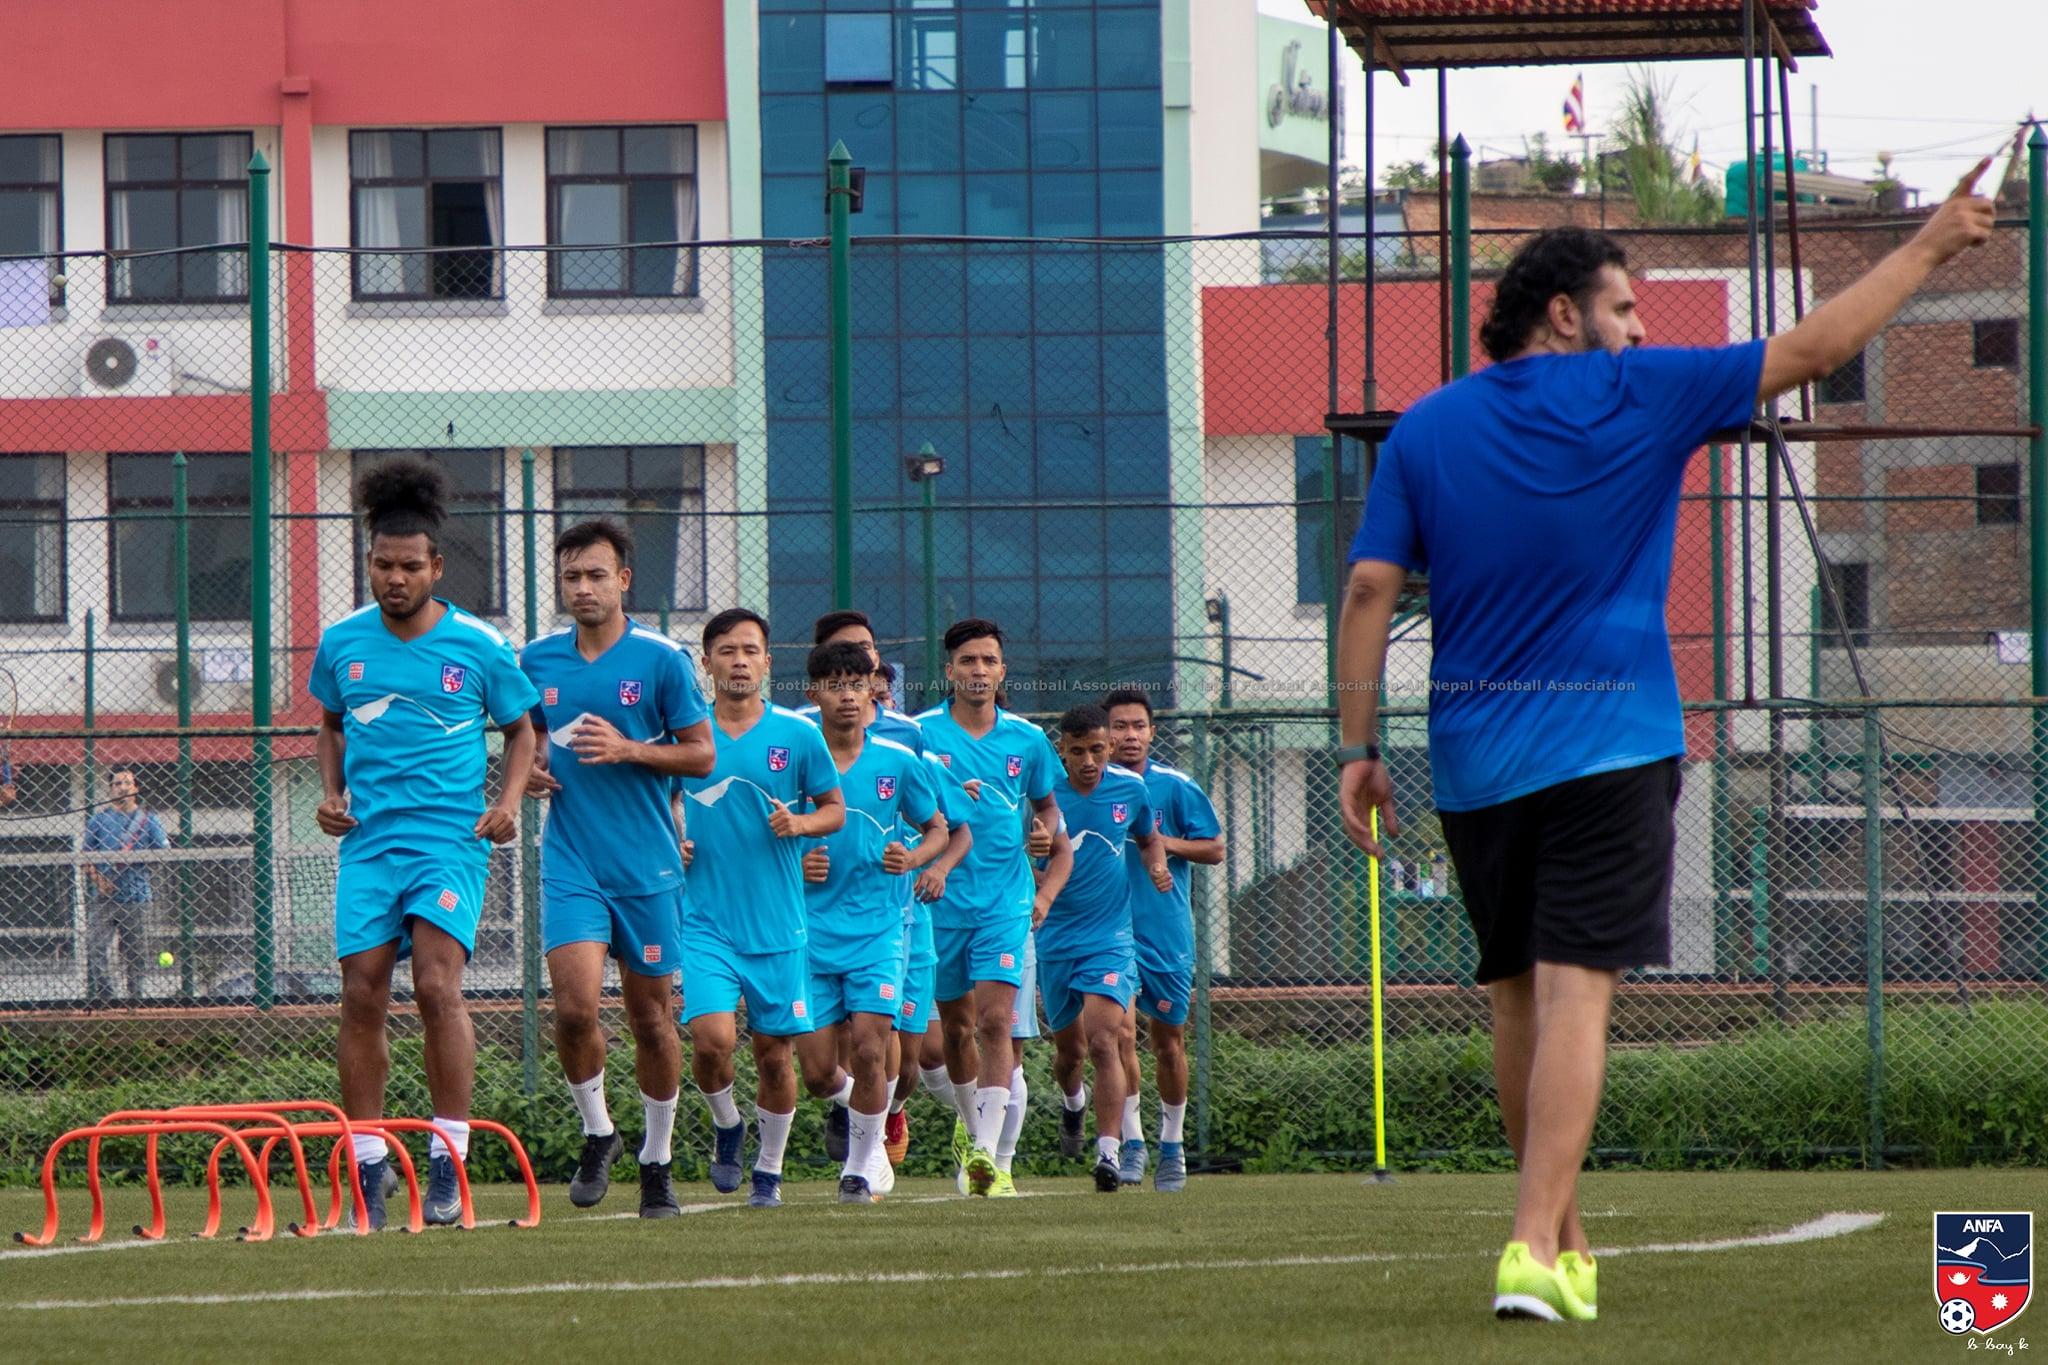 नेपाली फुटबल टिमकाे प्रशिक्षण सुरू